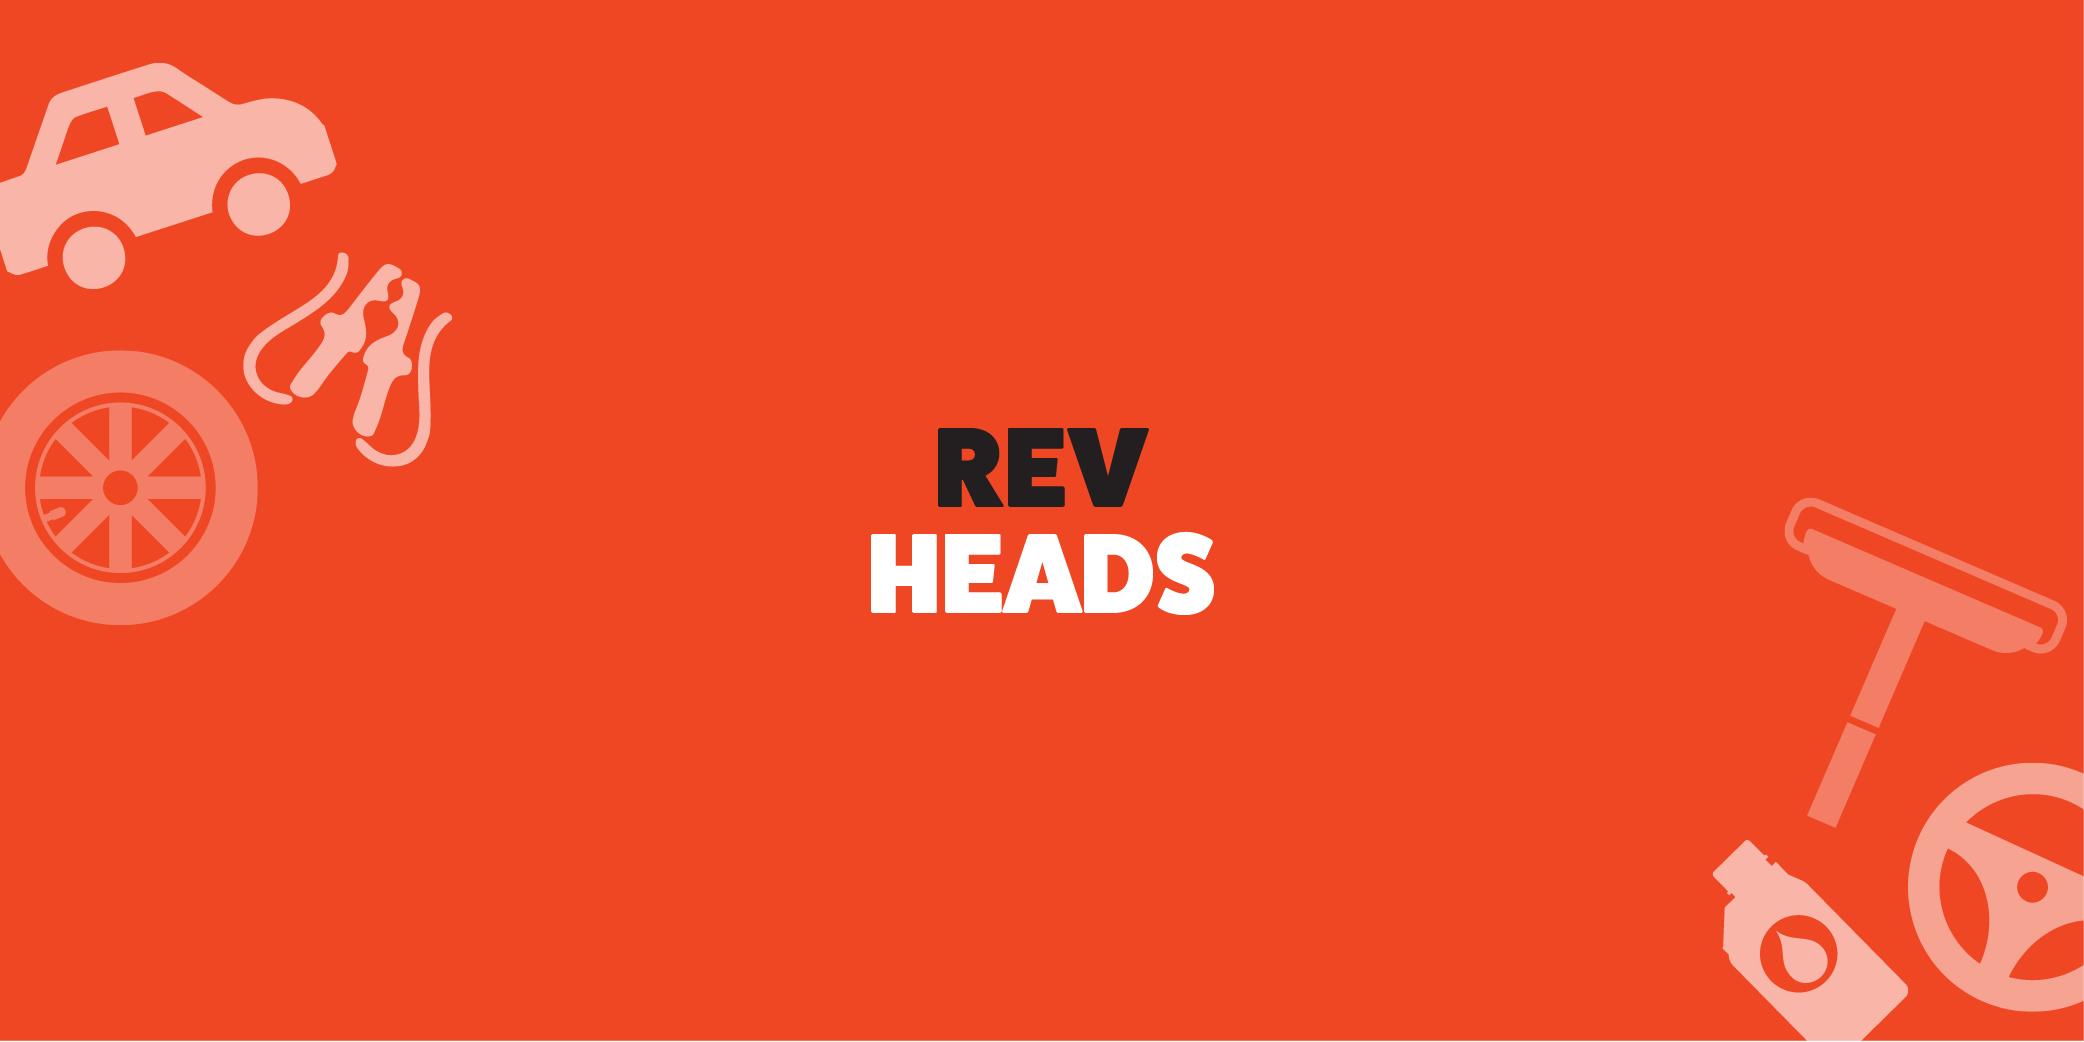 REV HEADS